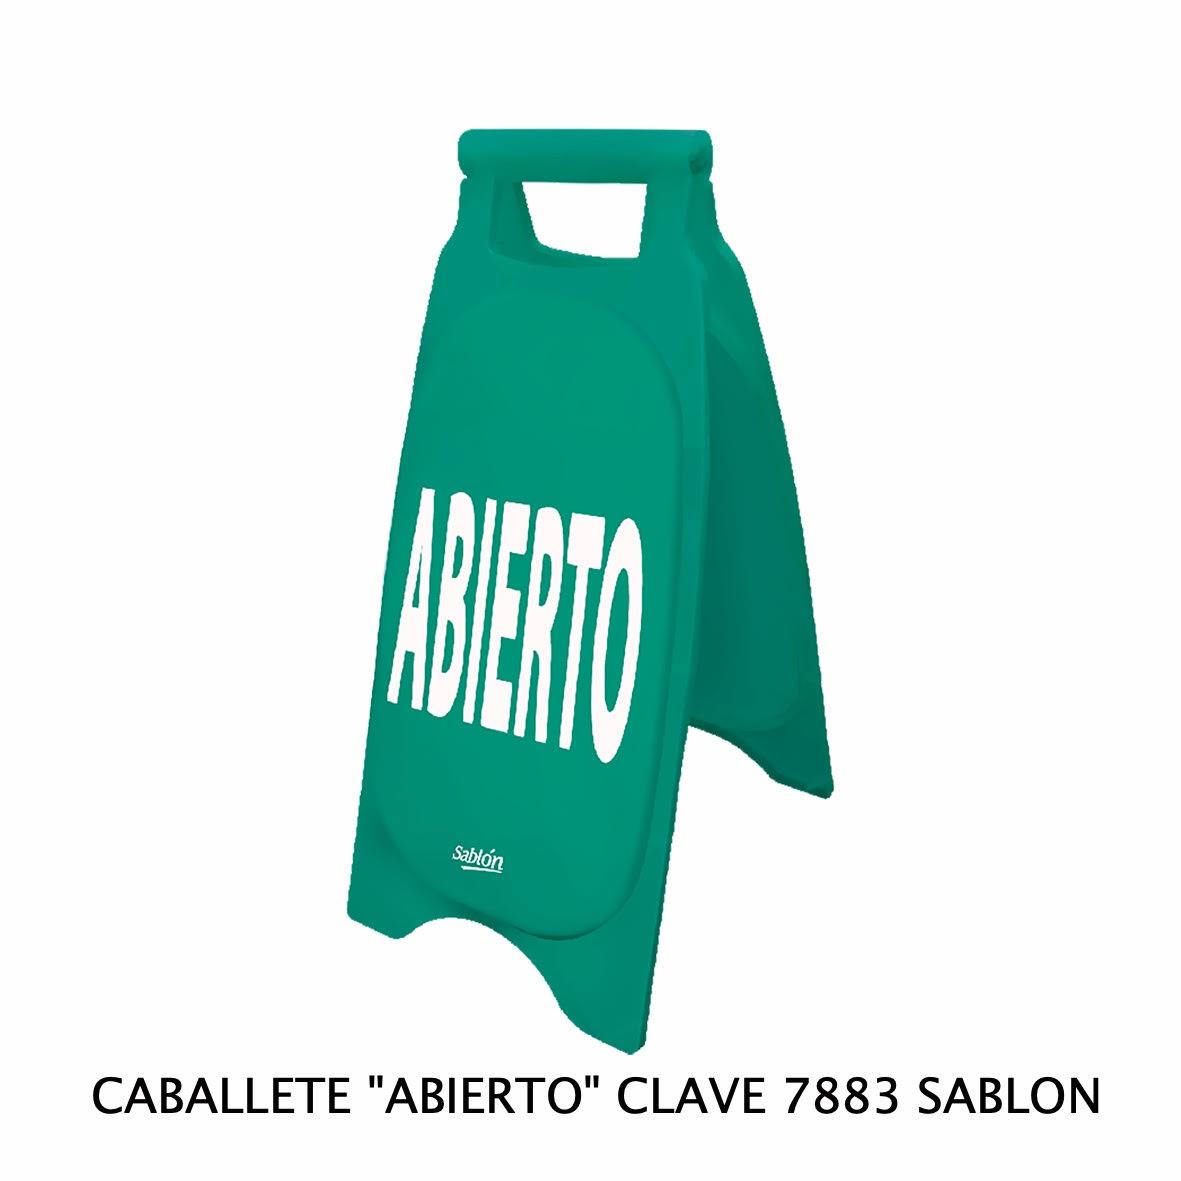 Caballete con señal ABIERTO Clave 7883 de Sablón